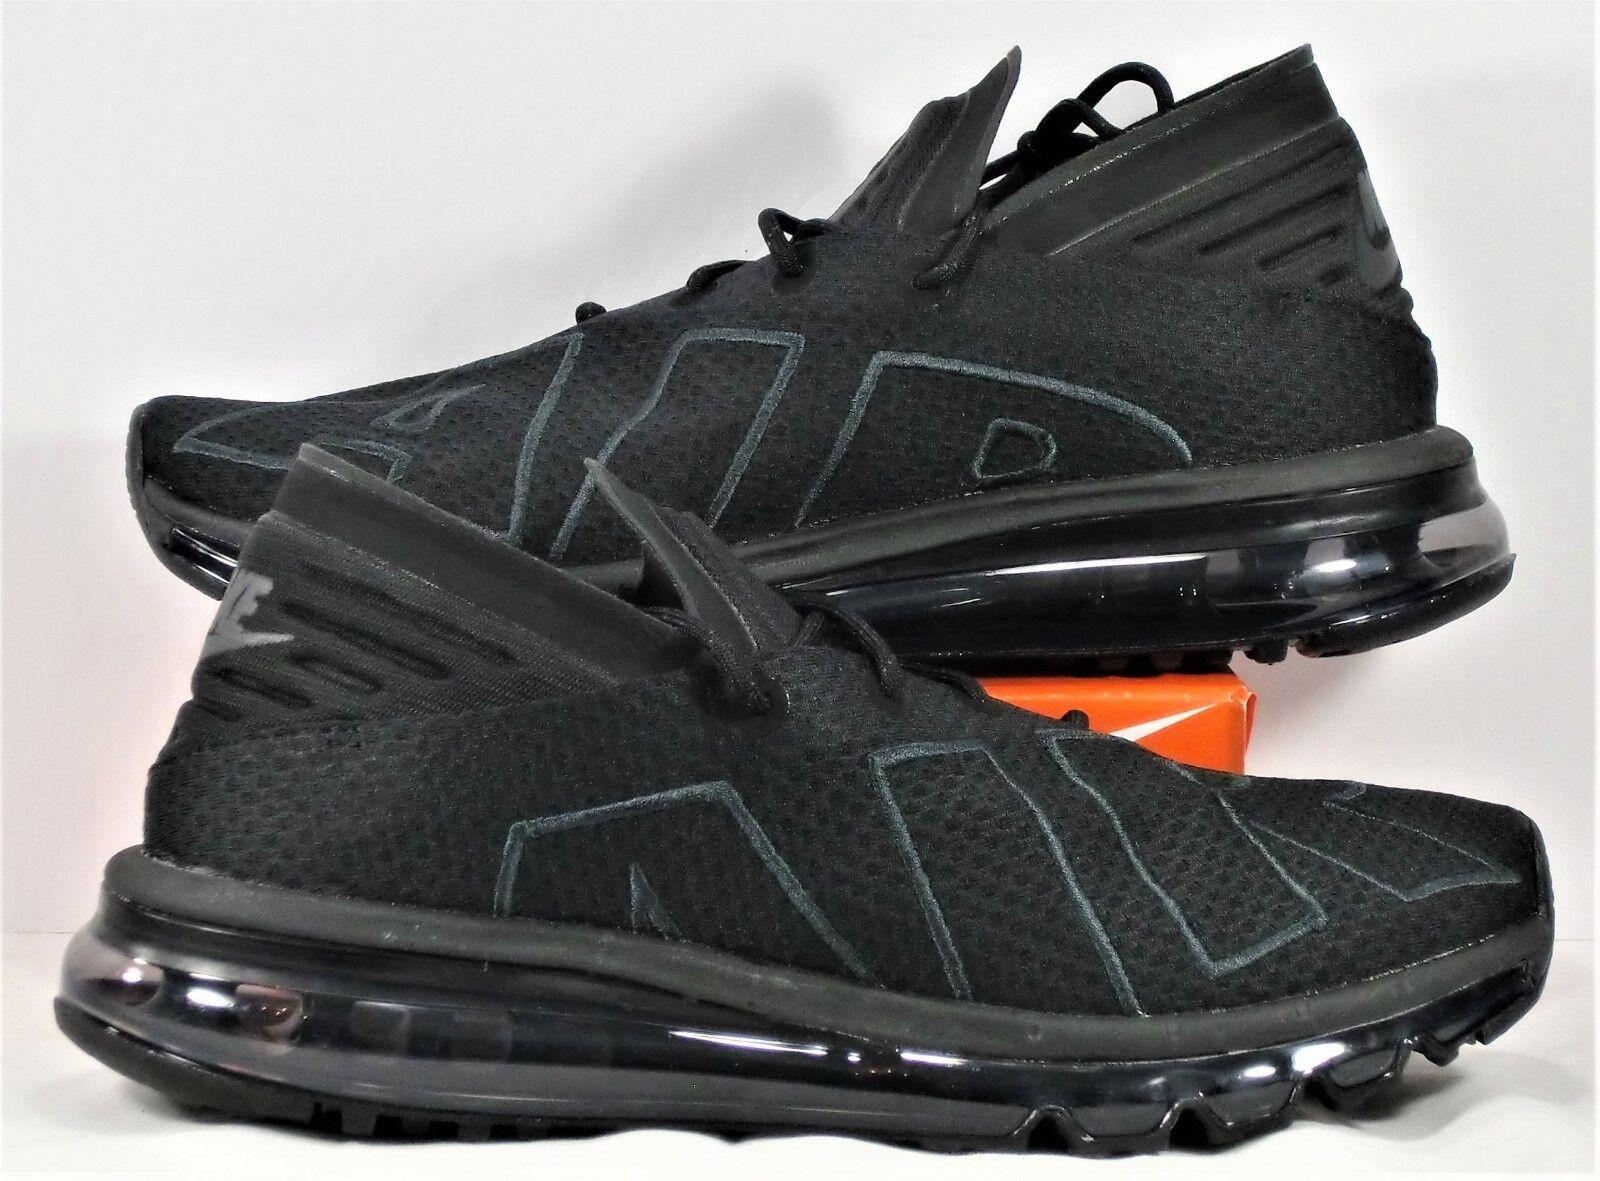 Nike Air Max Stile Nero Antracite   Nuove 942236 002 Sz 8,5